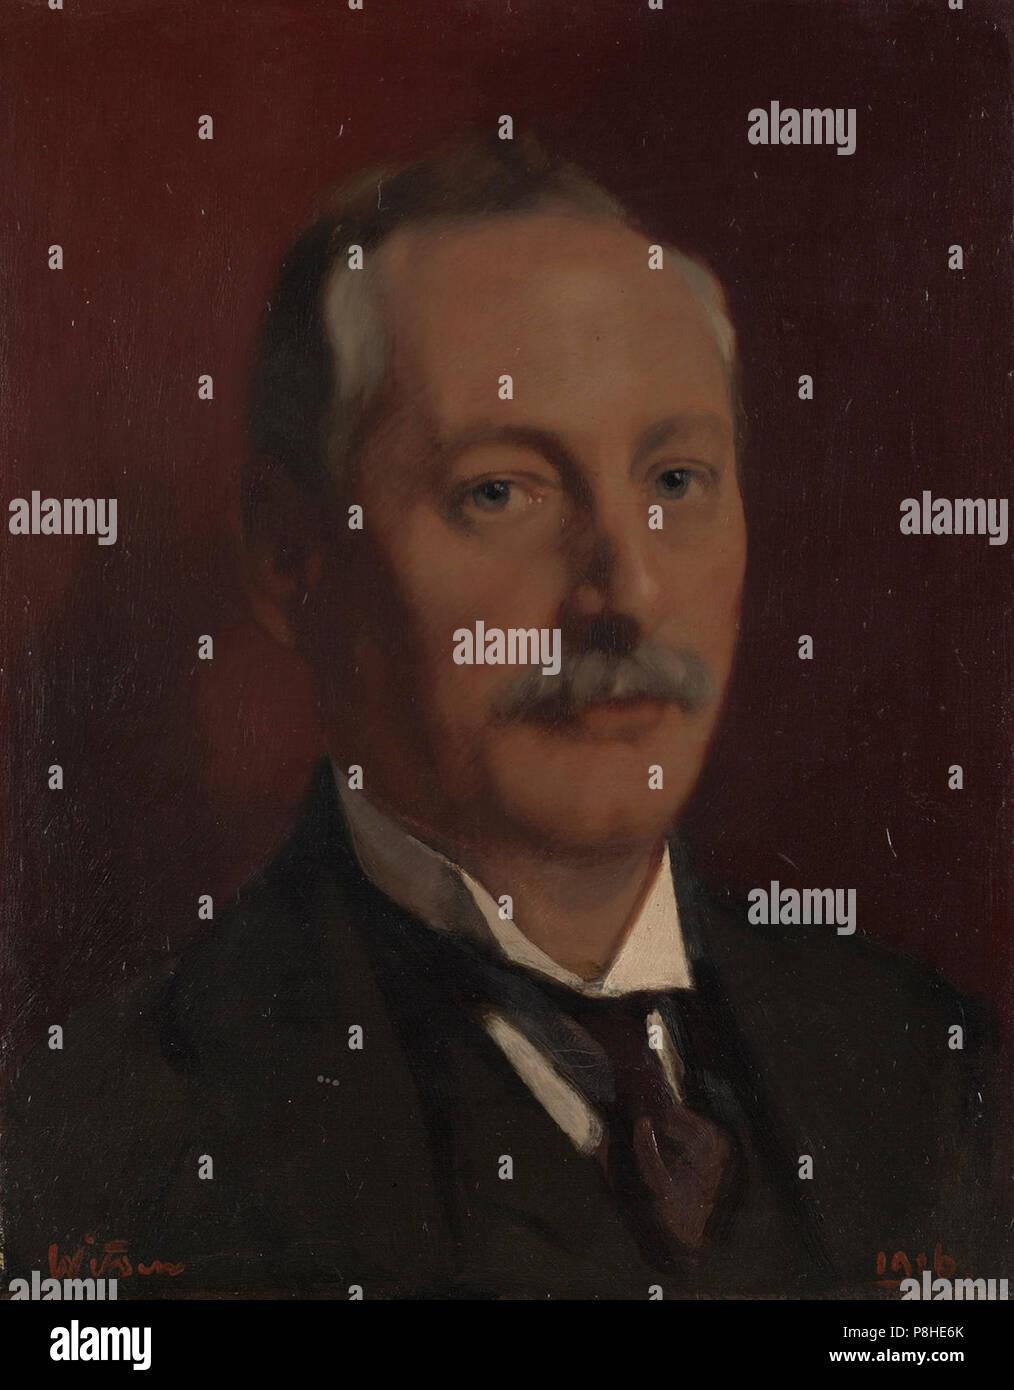 97-Alfred Gideon Boissevain (1870-1922), directeur en hoofdredacteur Algemeen Handelsblad. - Stock Image